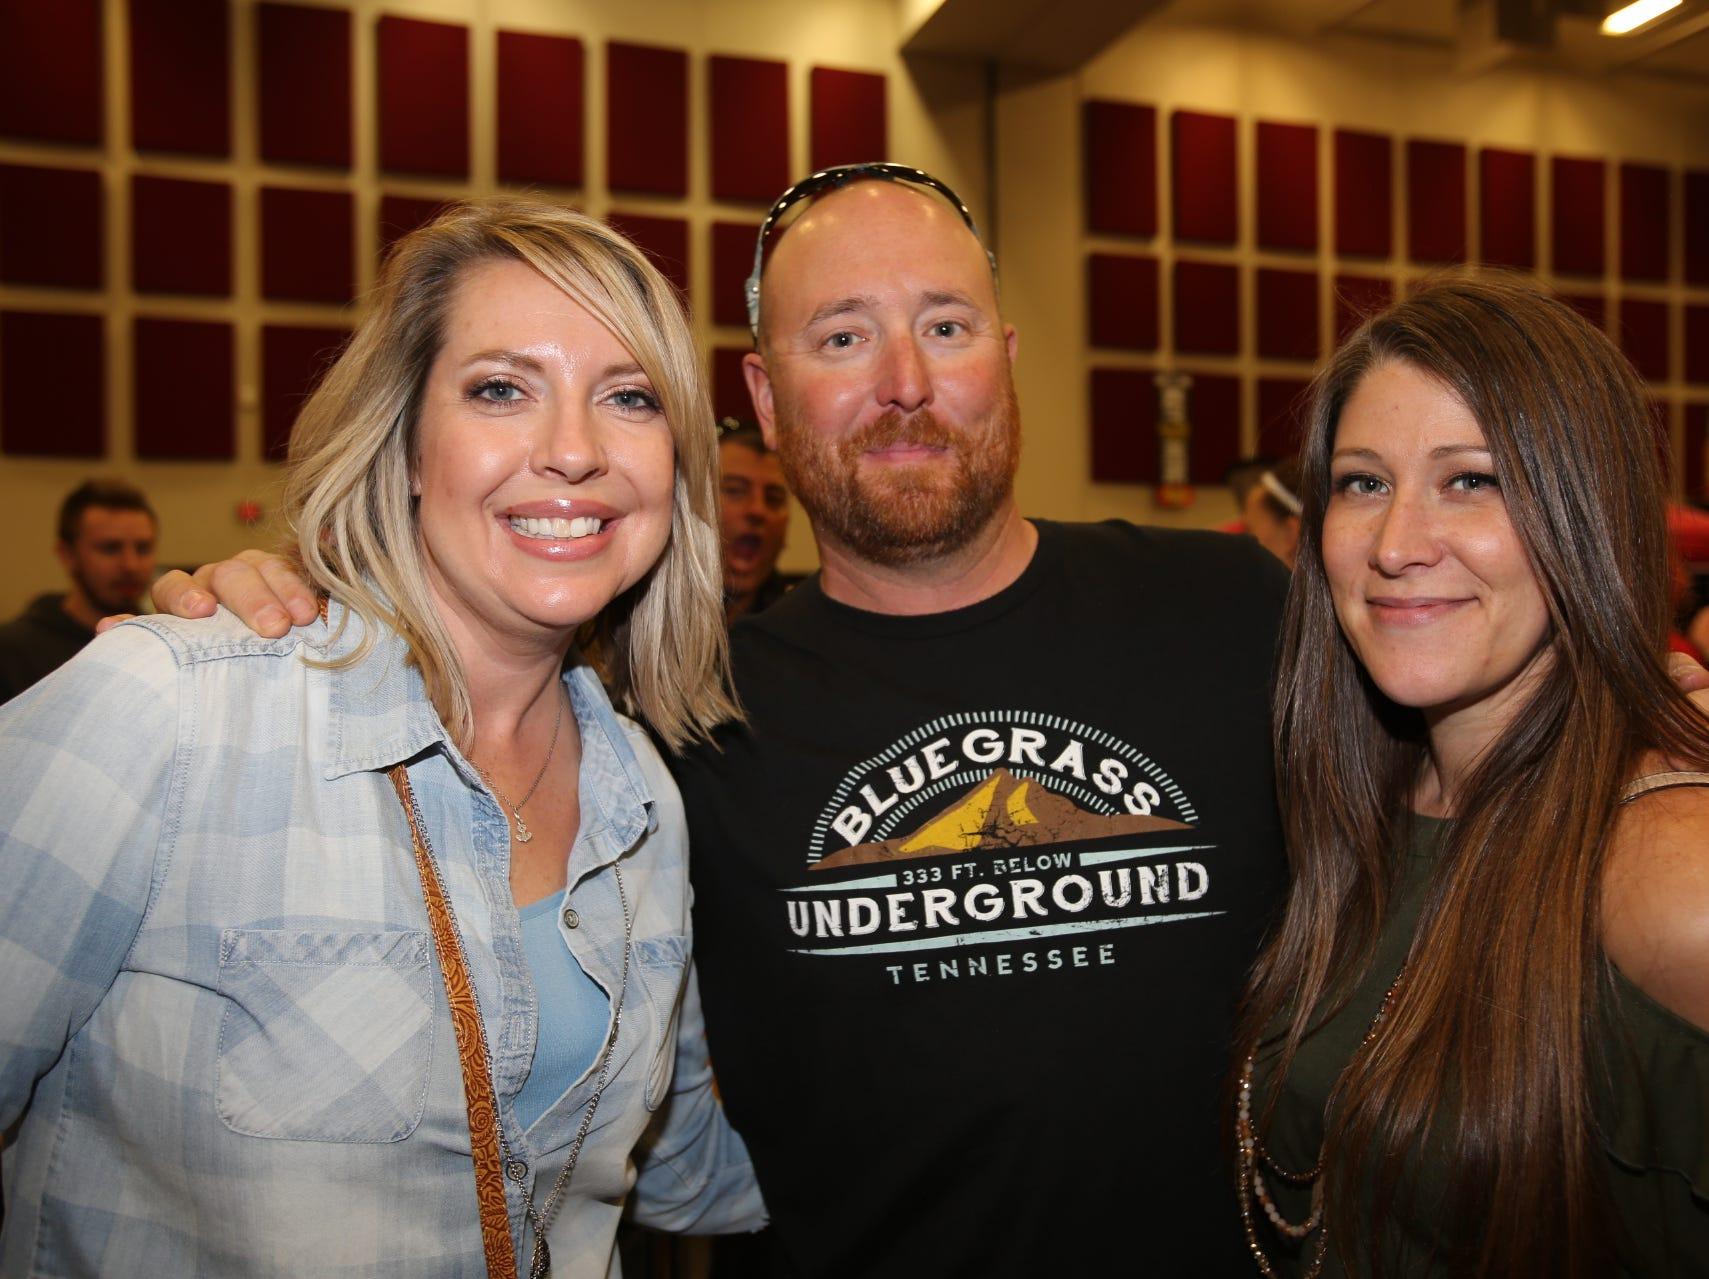 Sara Harp, Matt Berding, and Audra Reimer